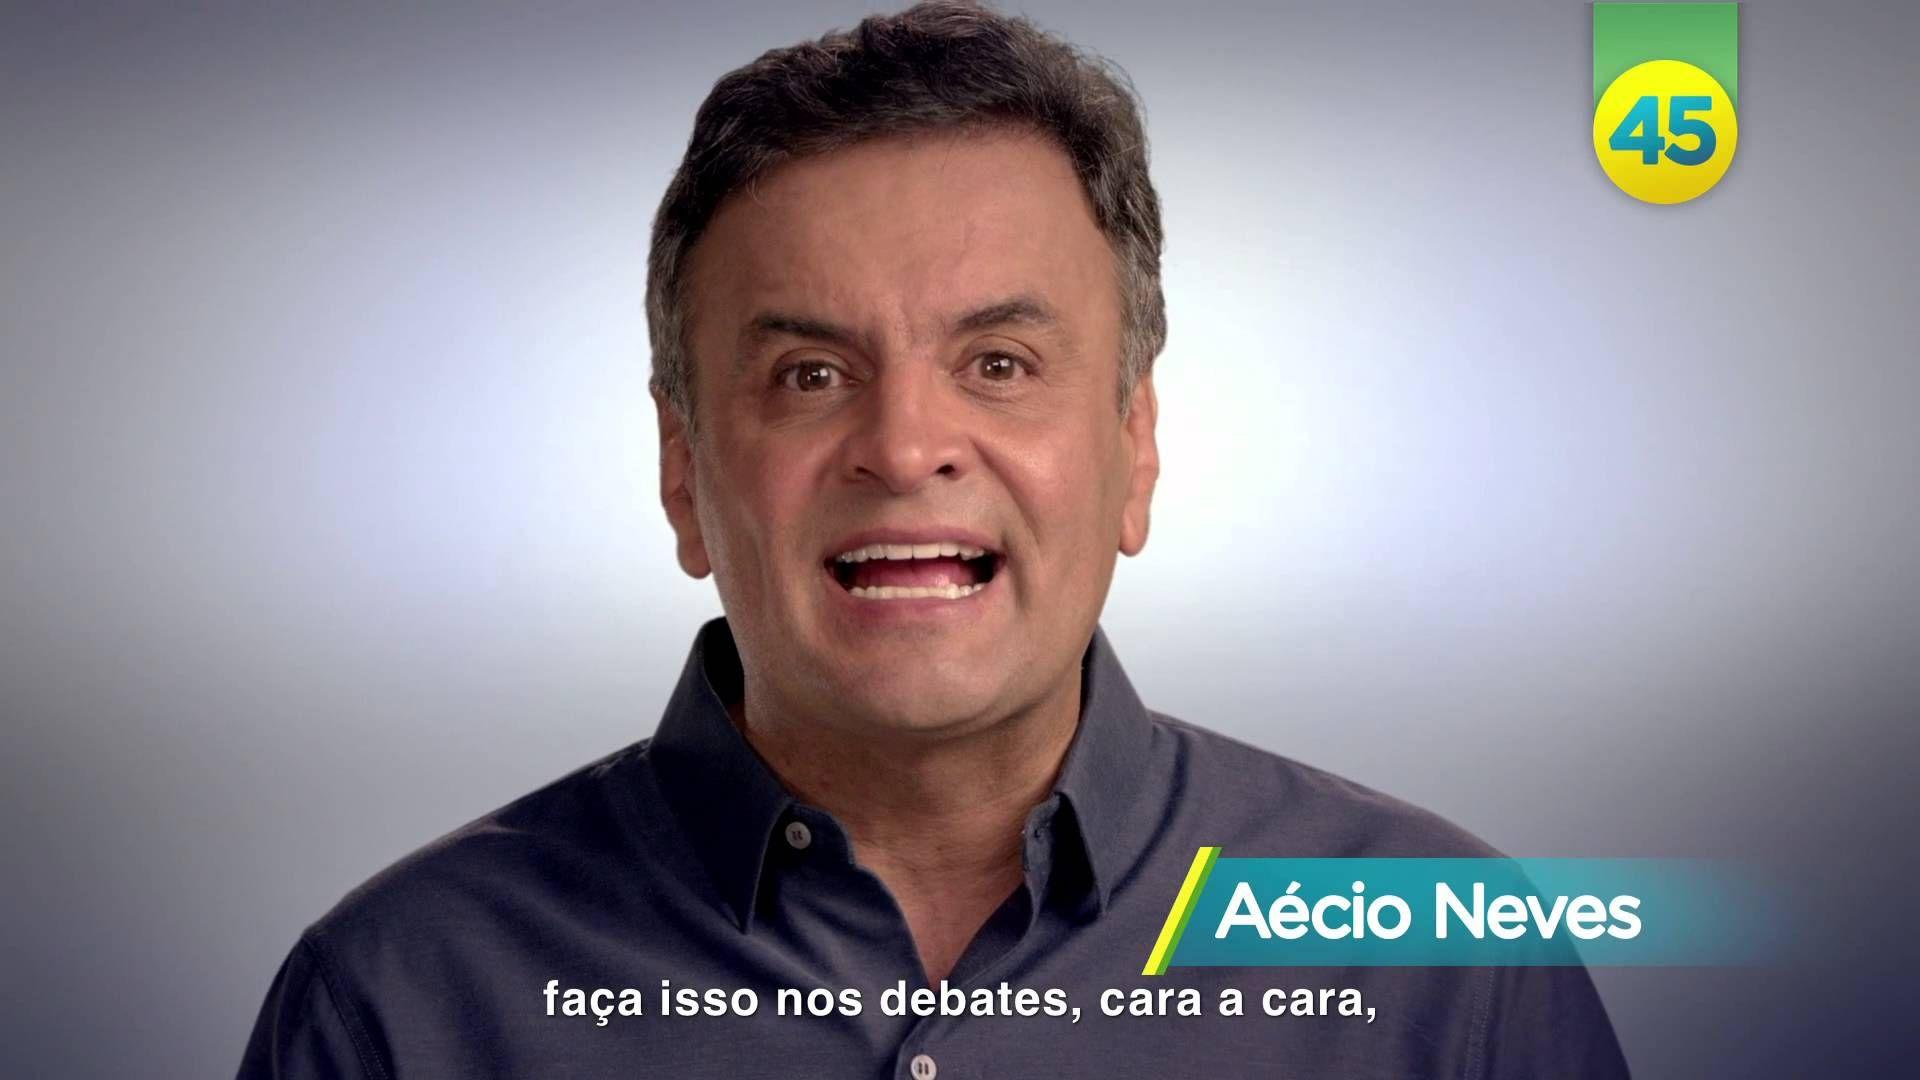 Aécio Neves - Críticas